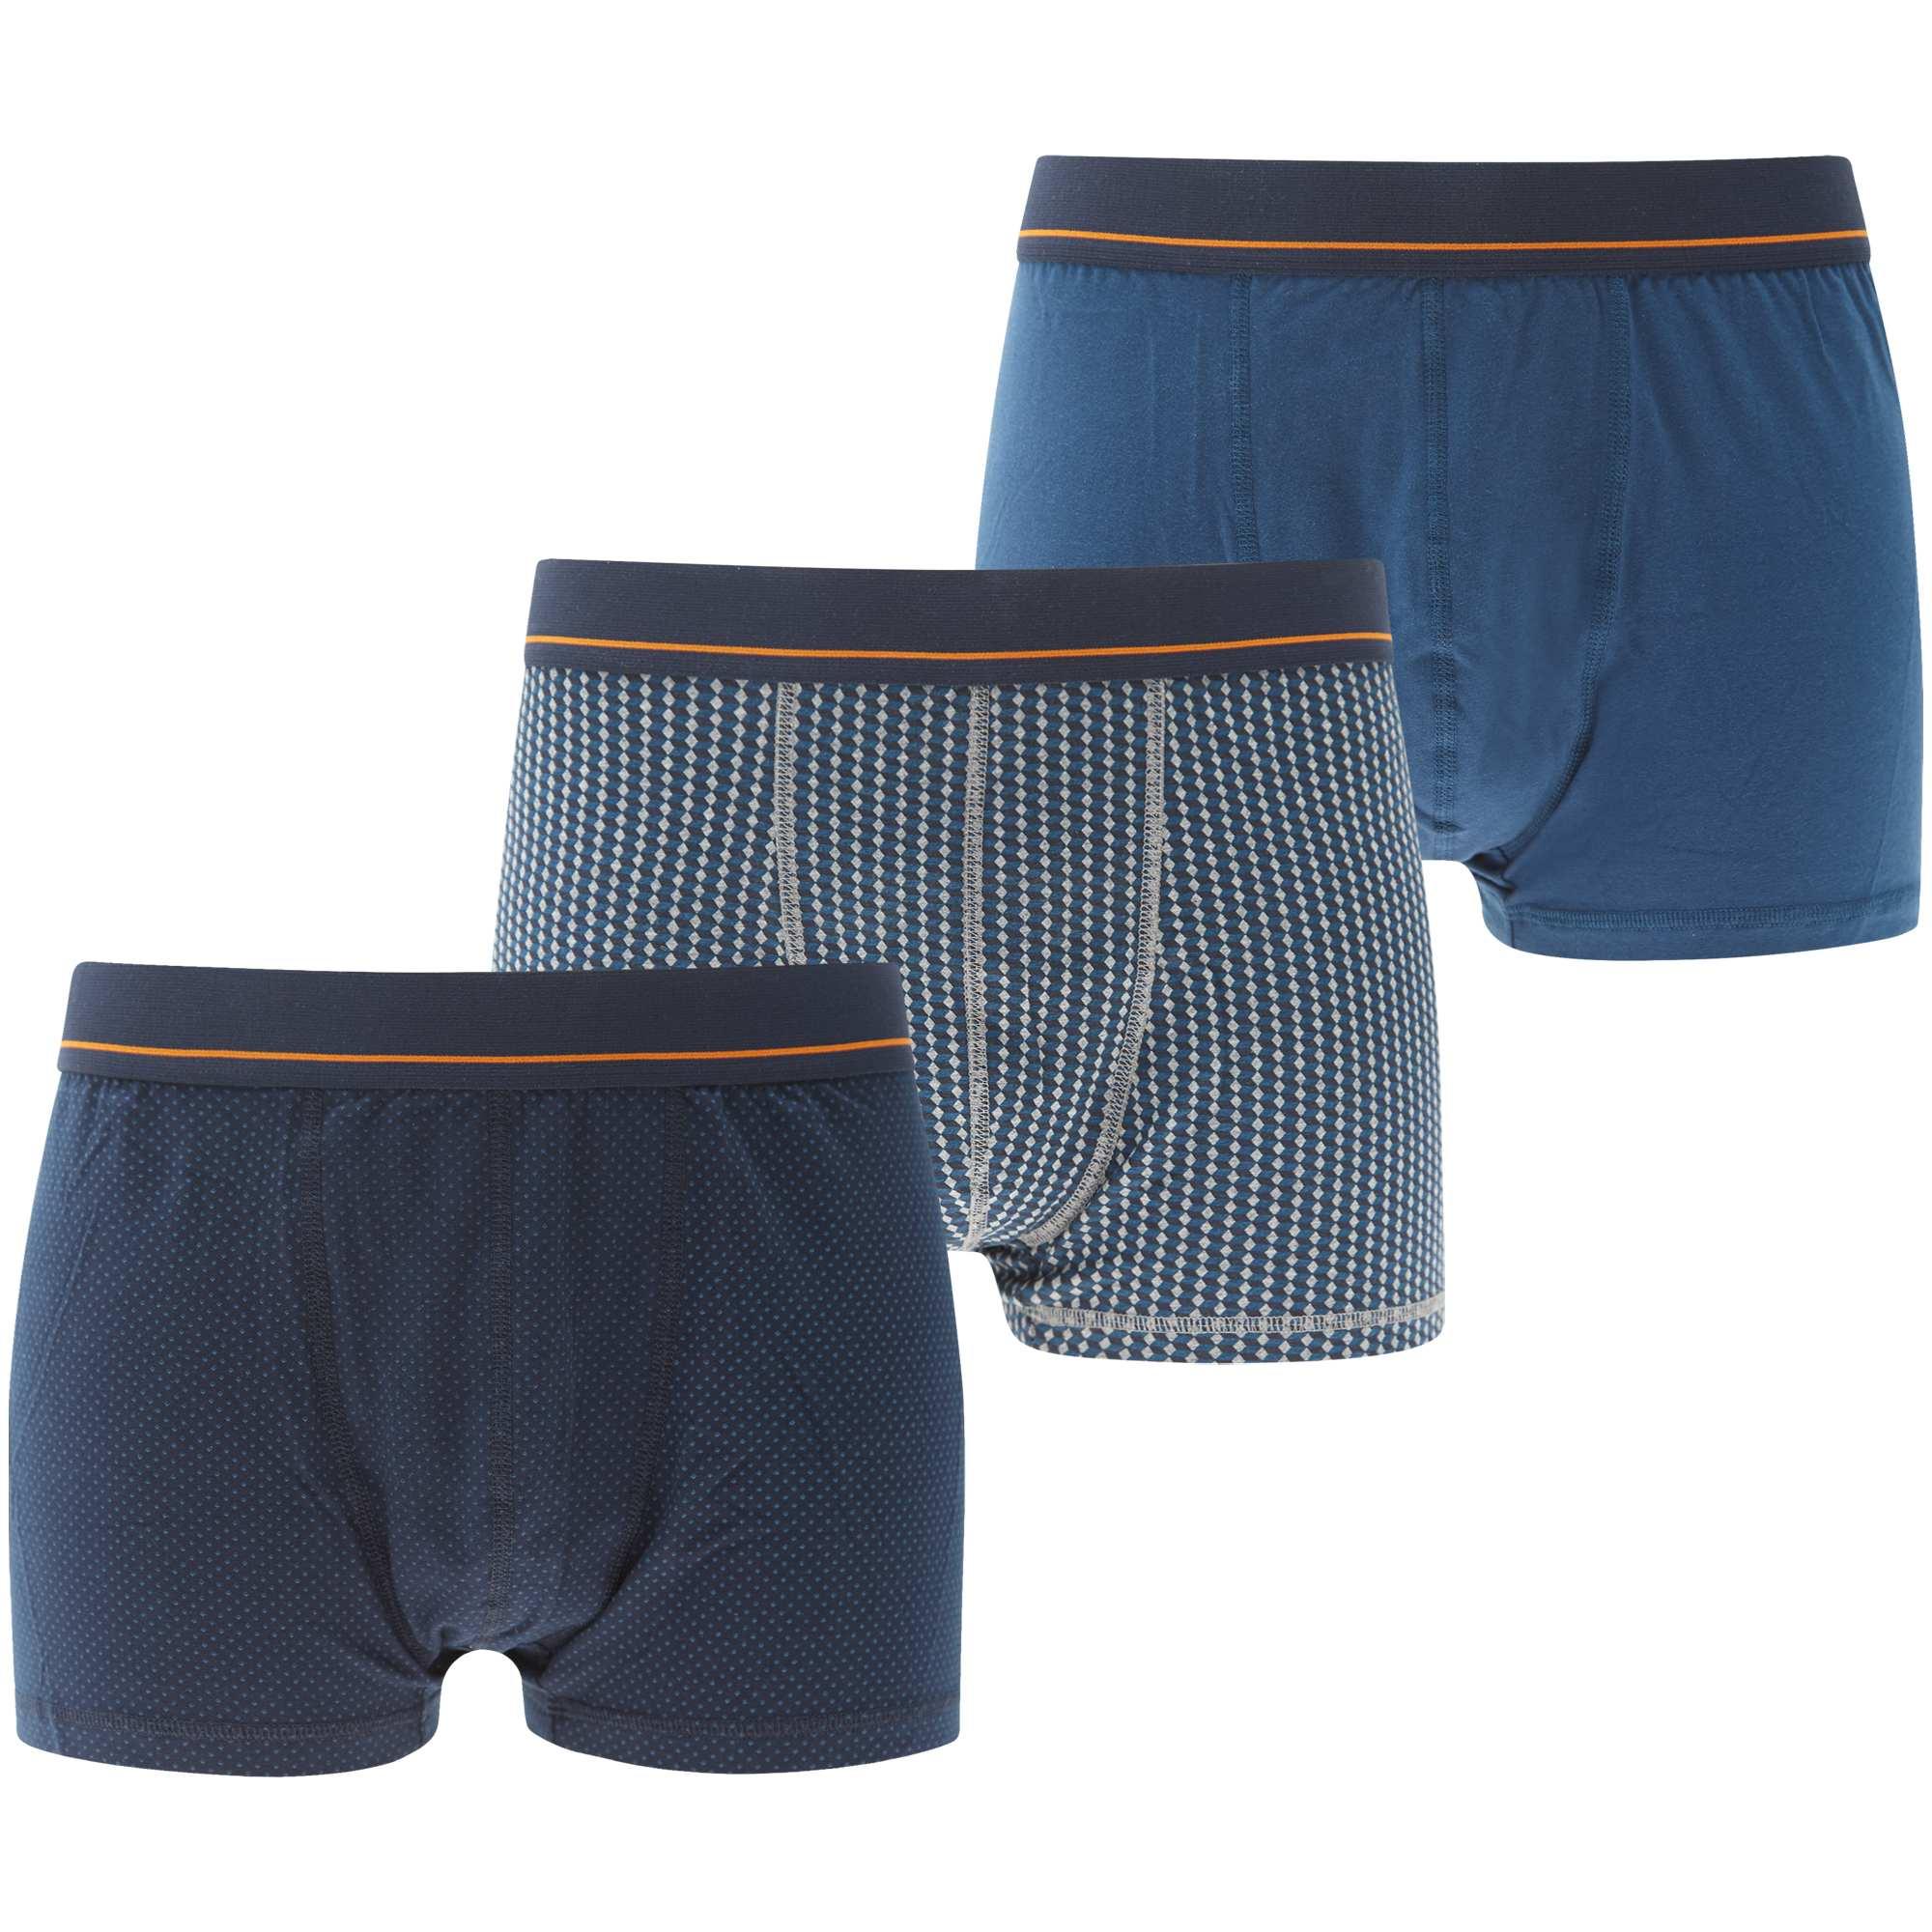 Couleur : bleu marine/bleu canard, bleu canard/gris chiné, ,, - Taille : 6XL, 4XL, 5XL,3XL,Imprimés géométriques discrets et chics pour ces boxers en coton. - Lot de 3 boxers